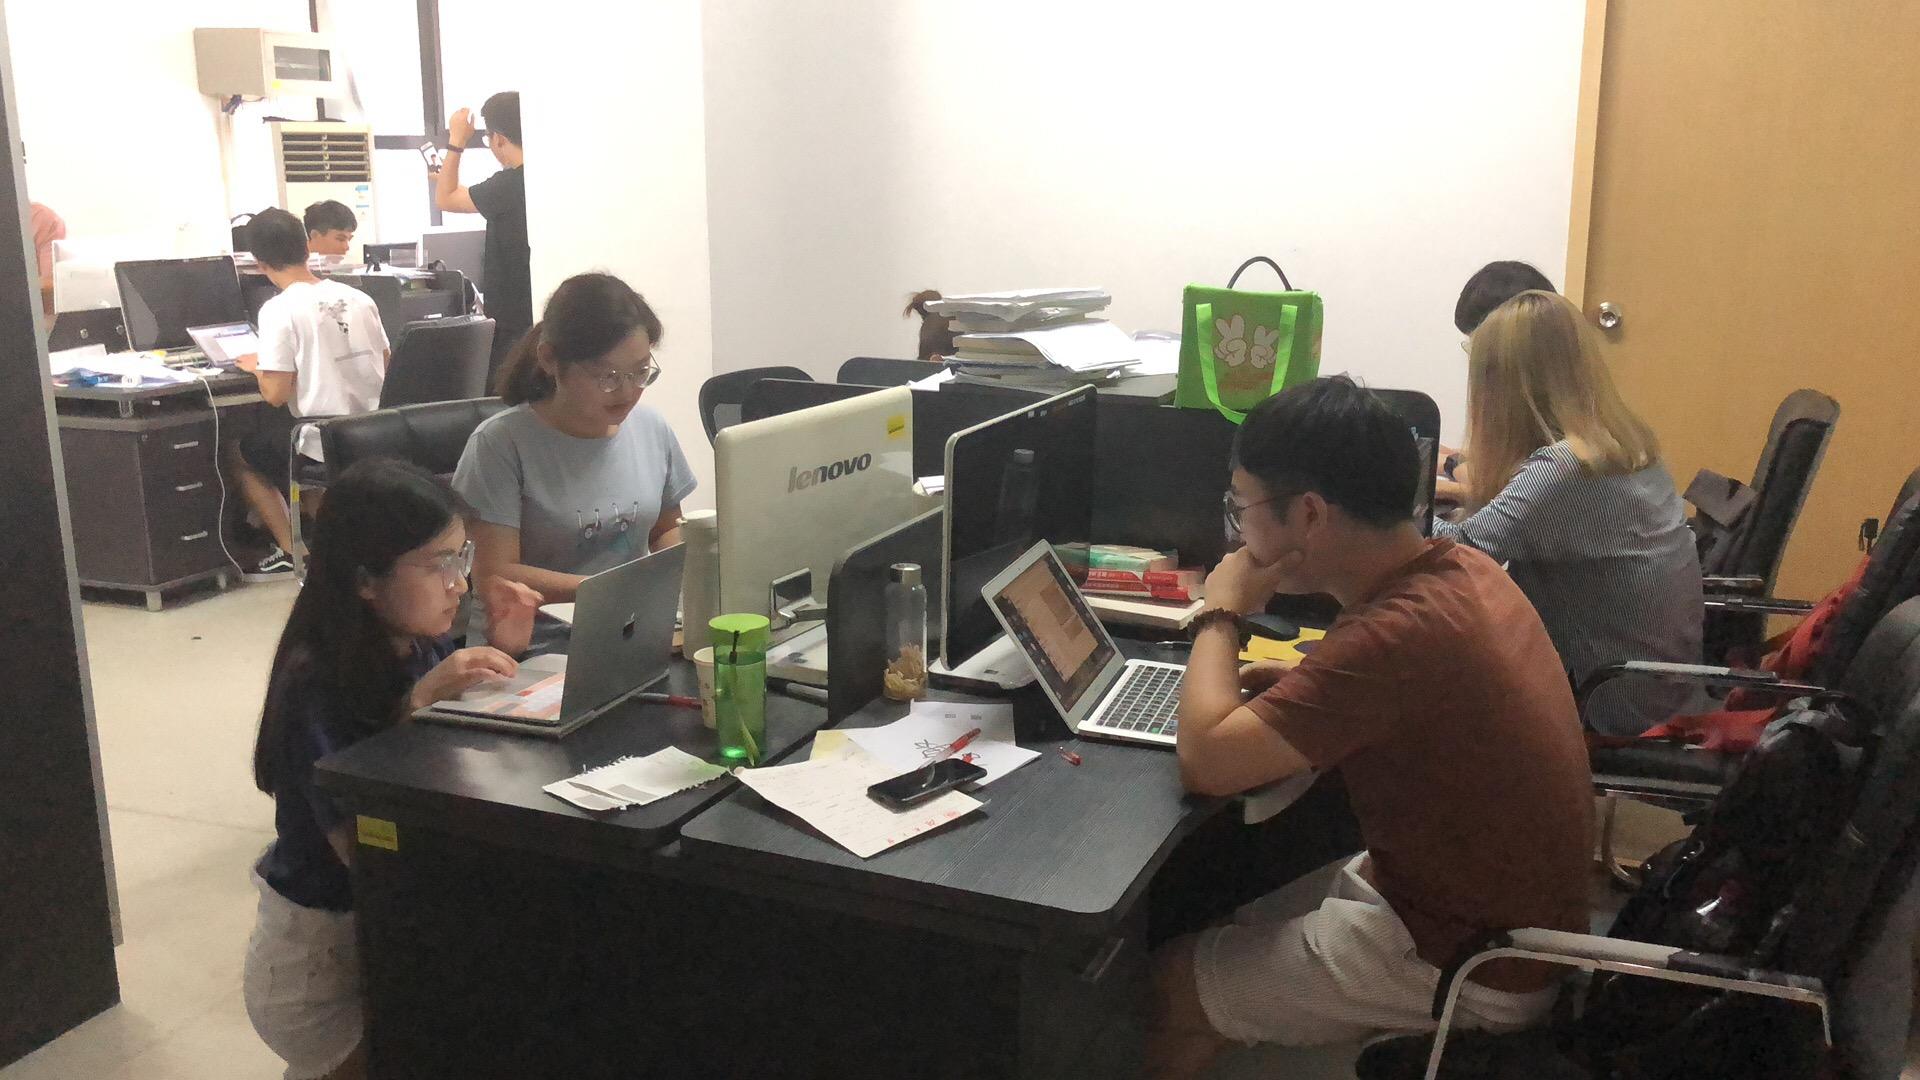 长沙新东方大学教研团队解析现场